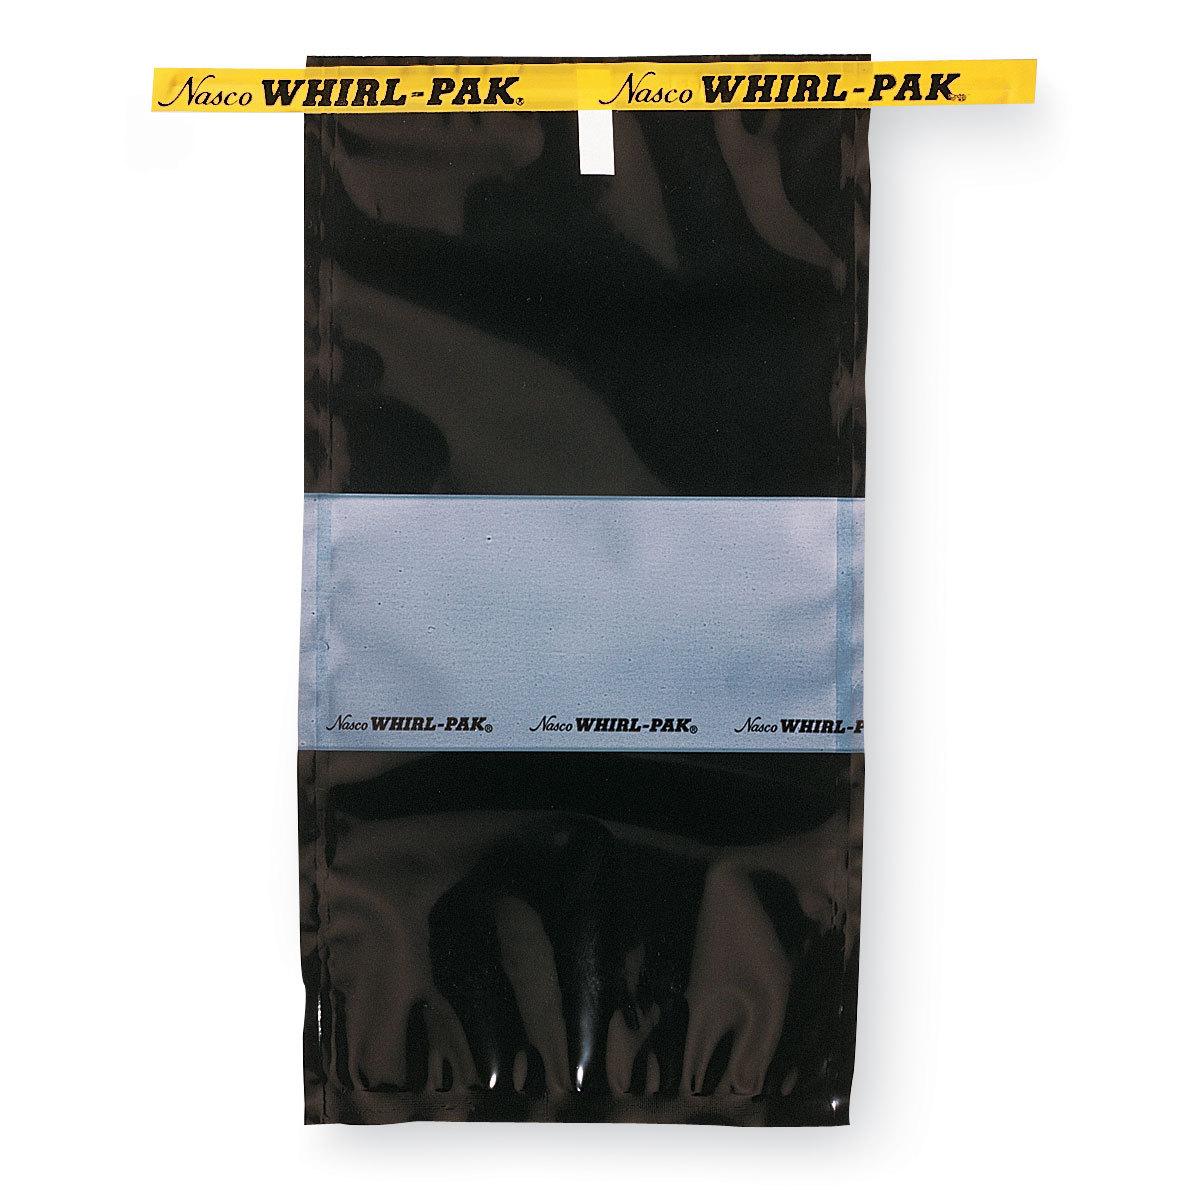 Специальные стерильные пакеты для отбора проб Whirl Pak чёрные (532 мл)